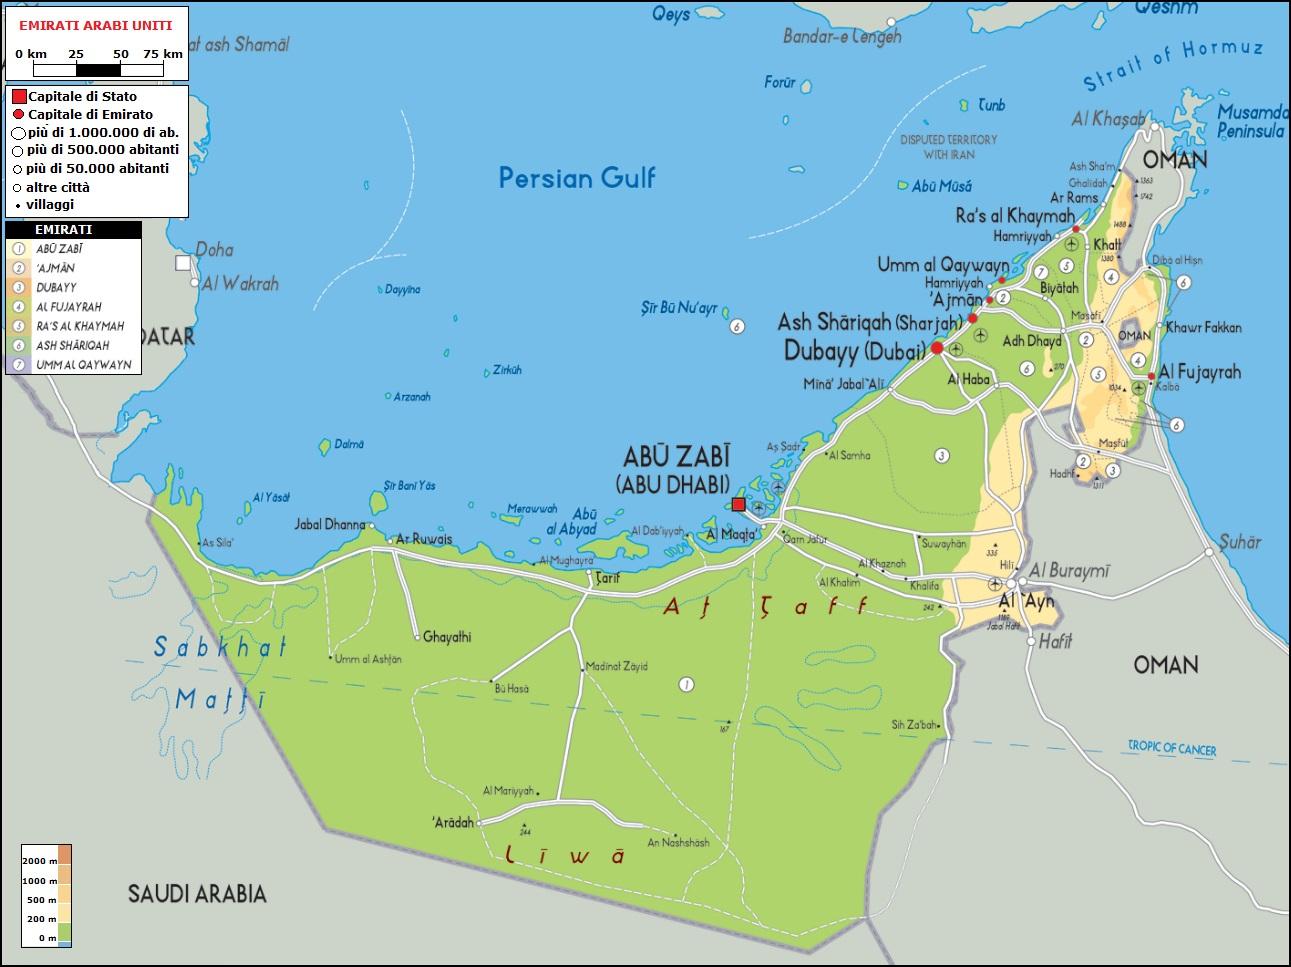 Aeroporto Emirati Arabi : Chi viaggia impara immagini dal mondo emirati arabi uniti